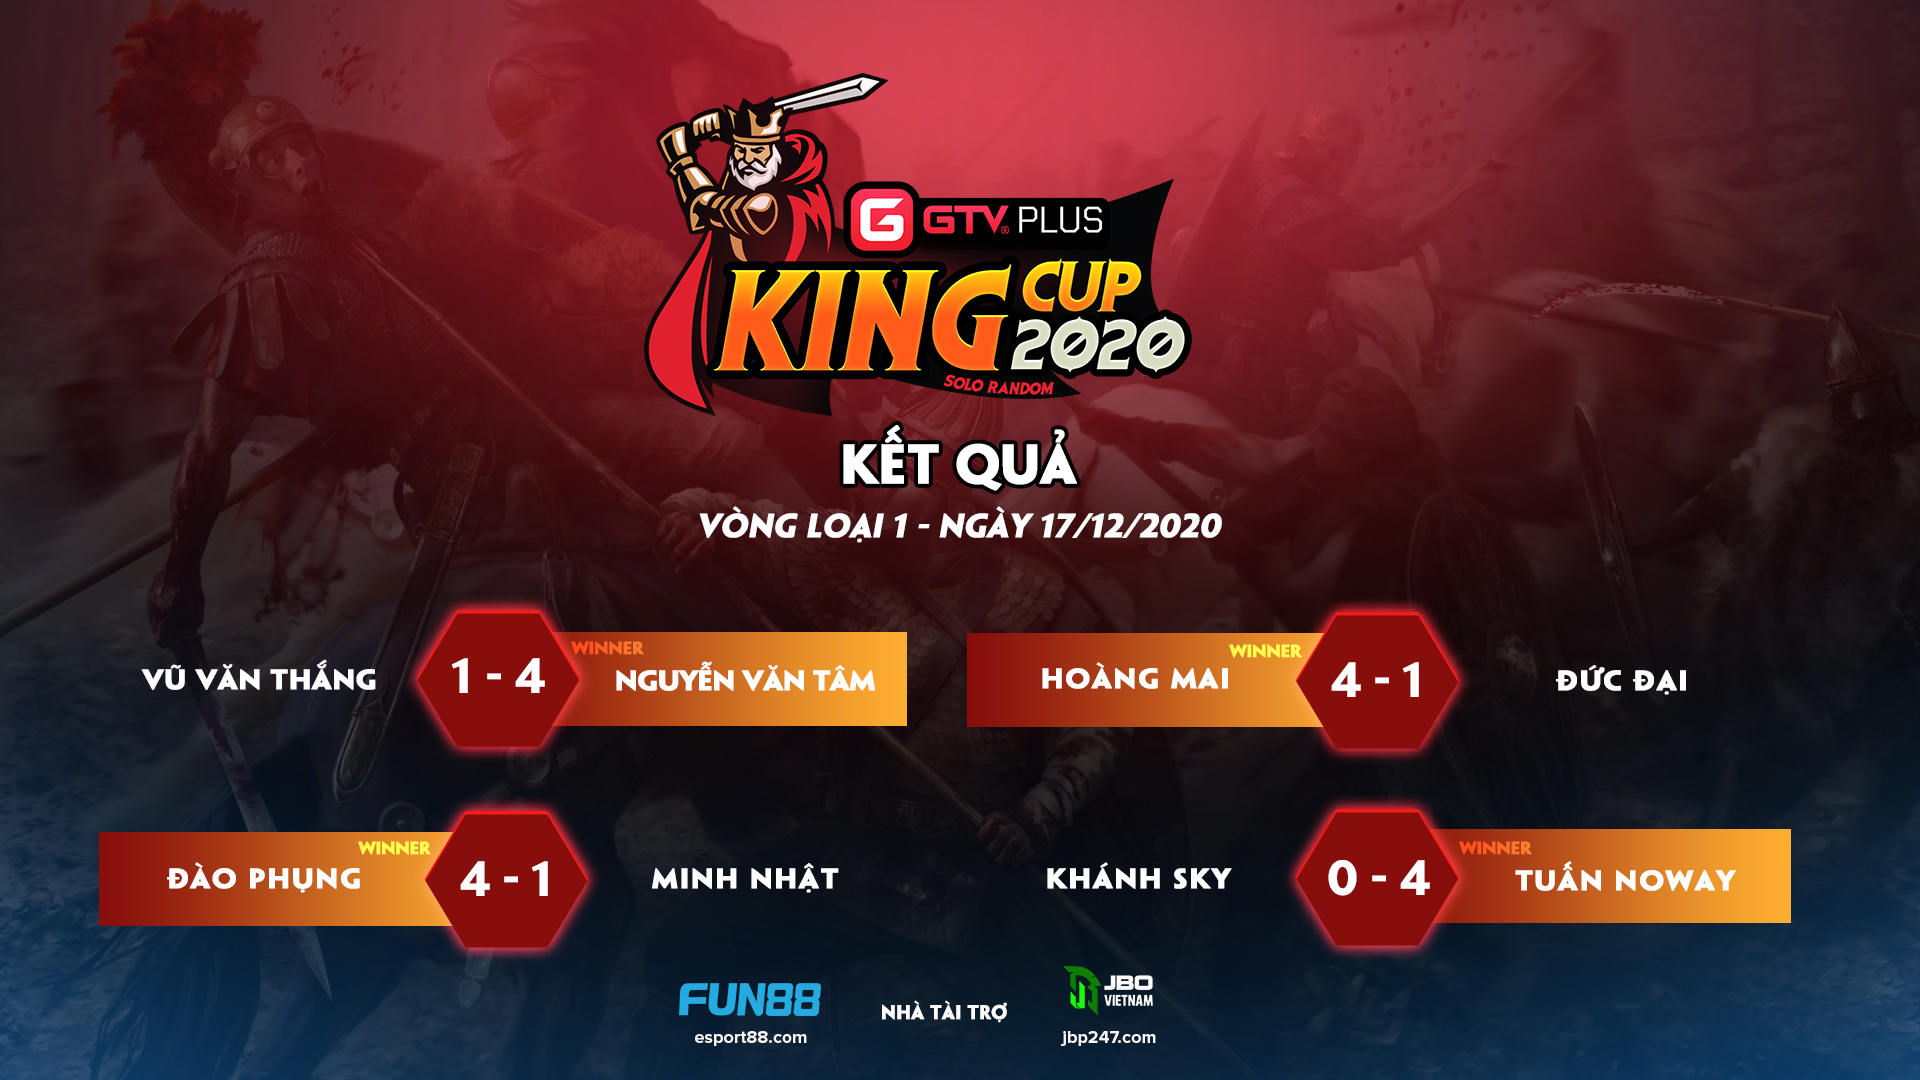 Lịch thi đấu ngày thi đấu ngày 18 tháng 12 Giải đấu GTV Plus King Cup 2020